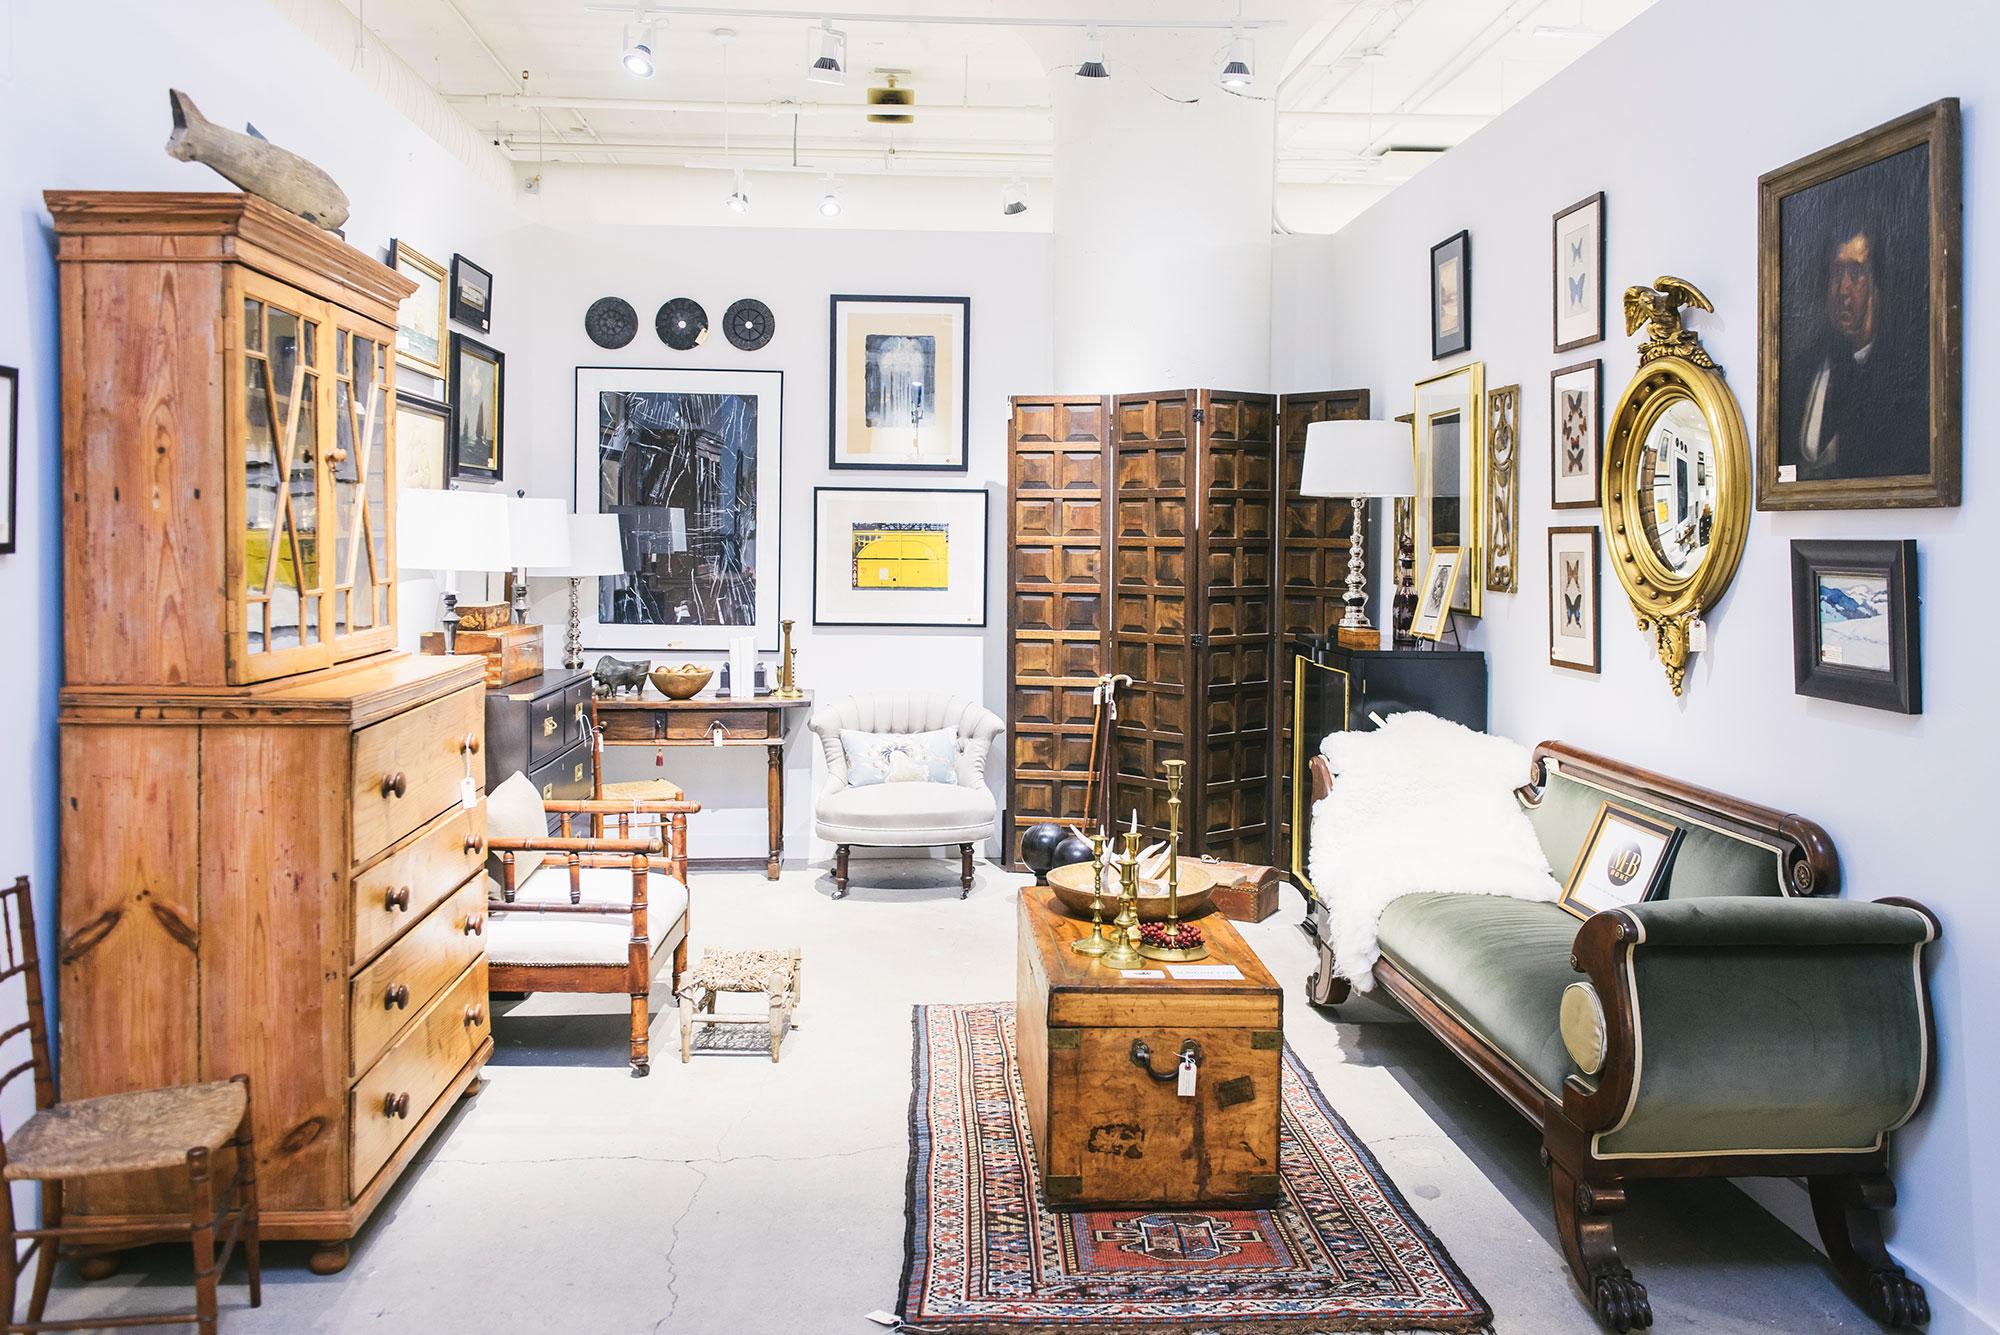 2nd Annual Boston Home Décor Show, November 17-20 | Boston Design ...